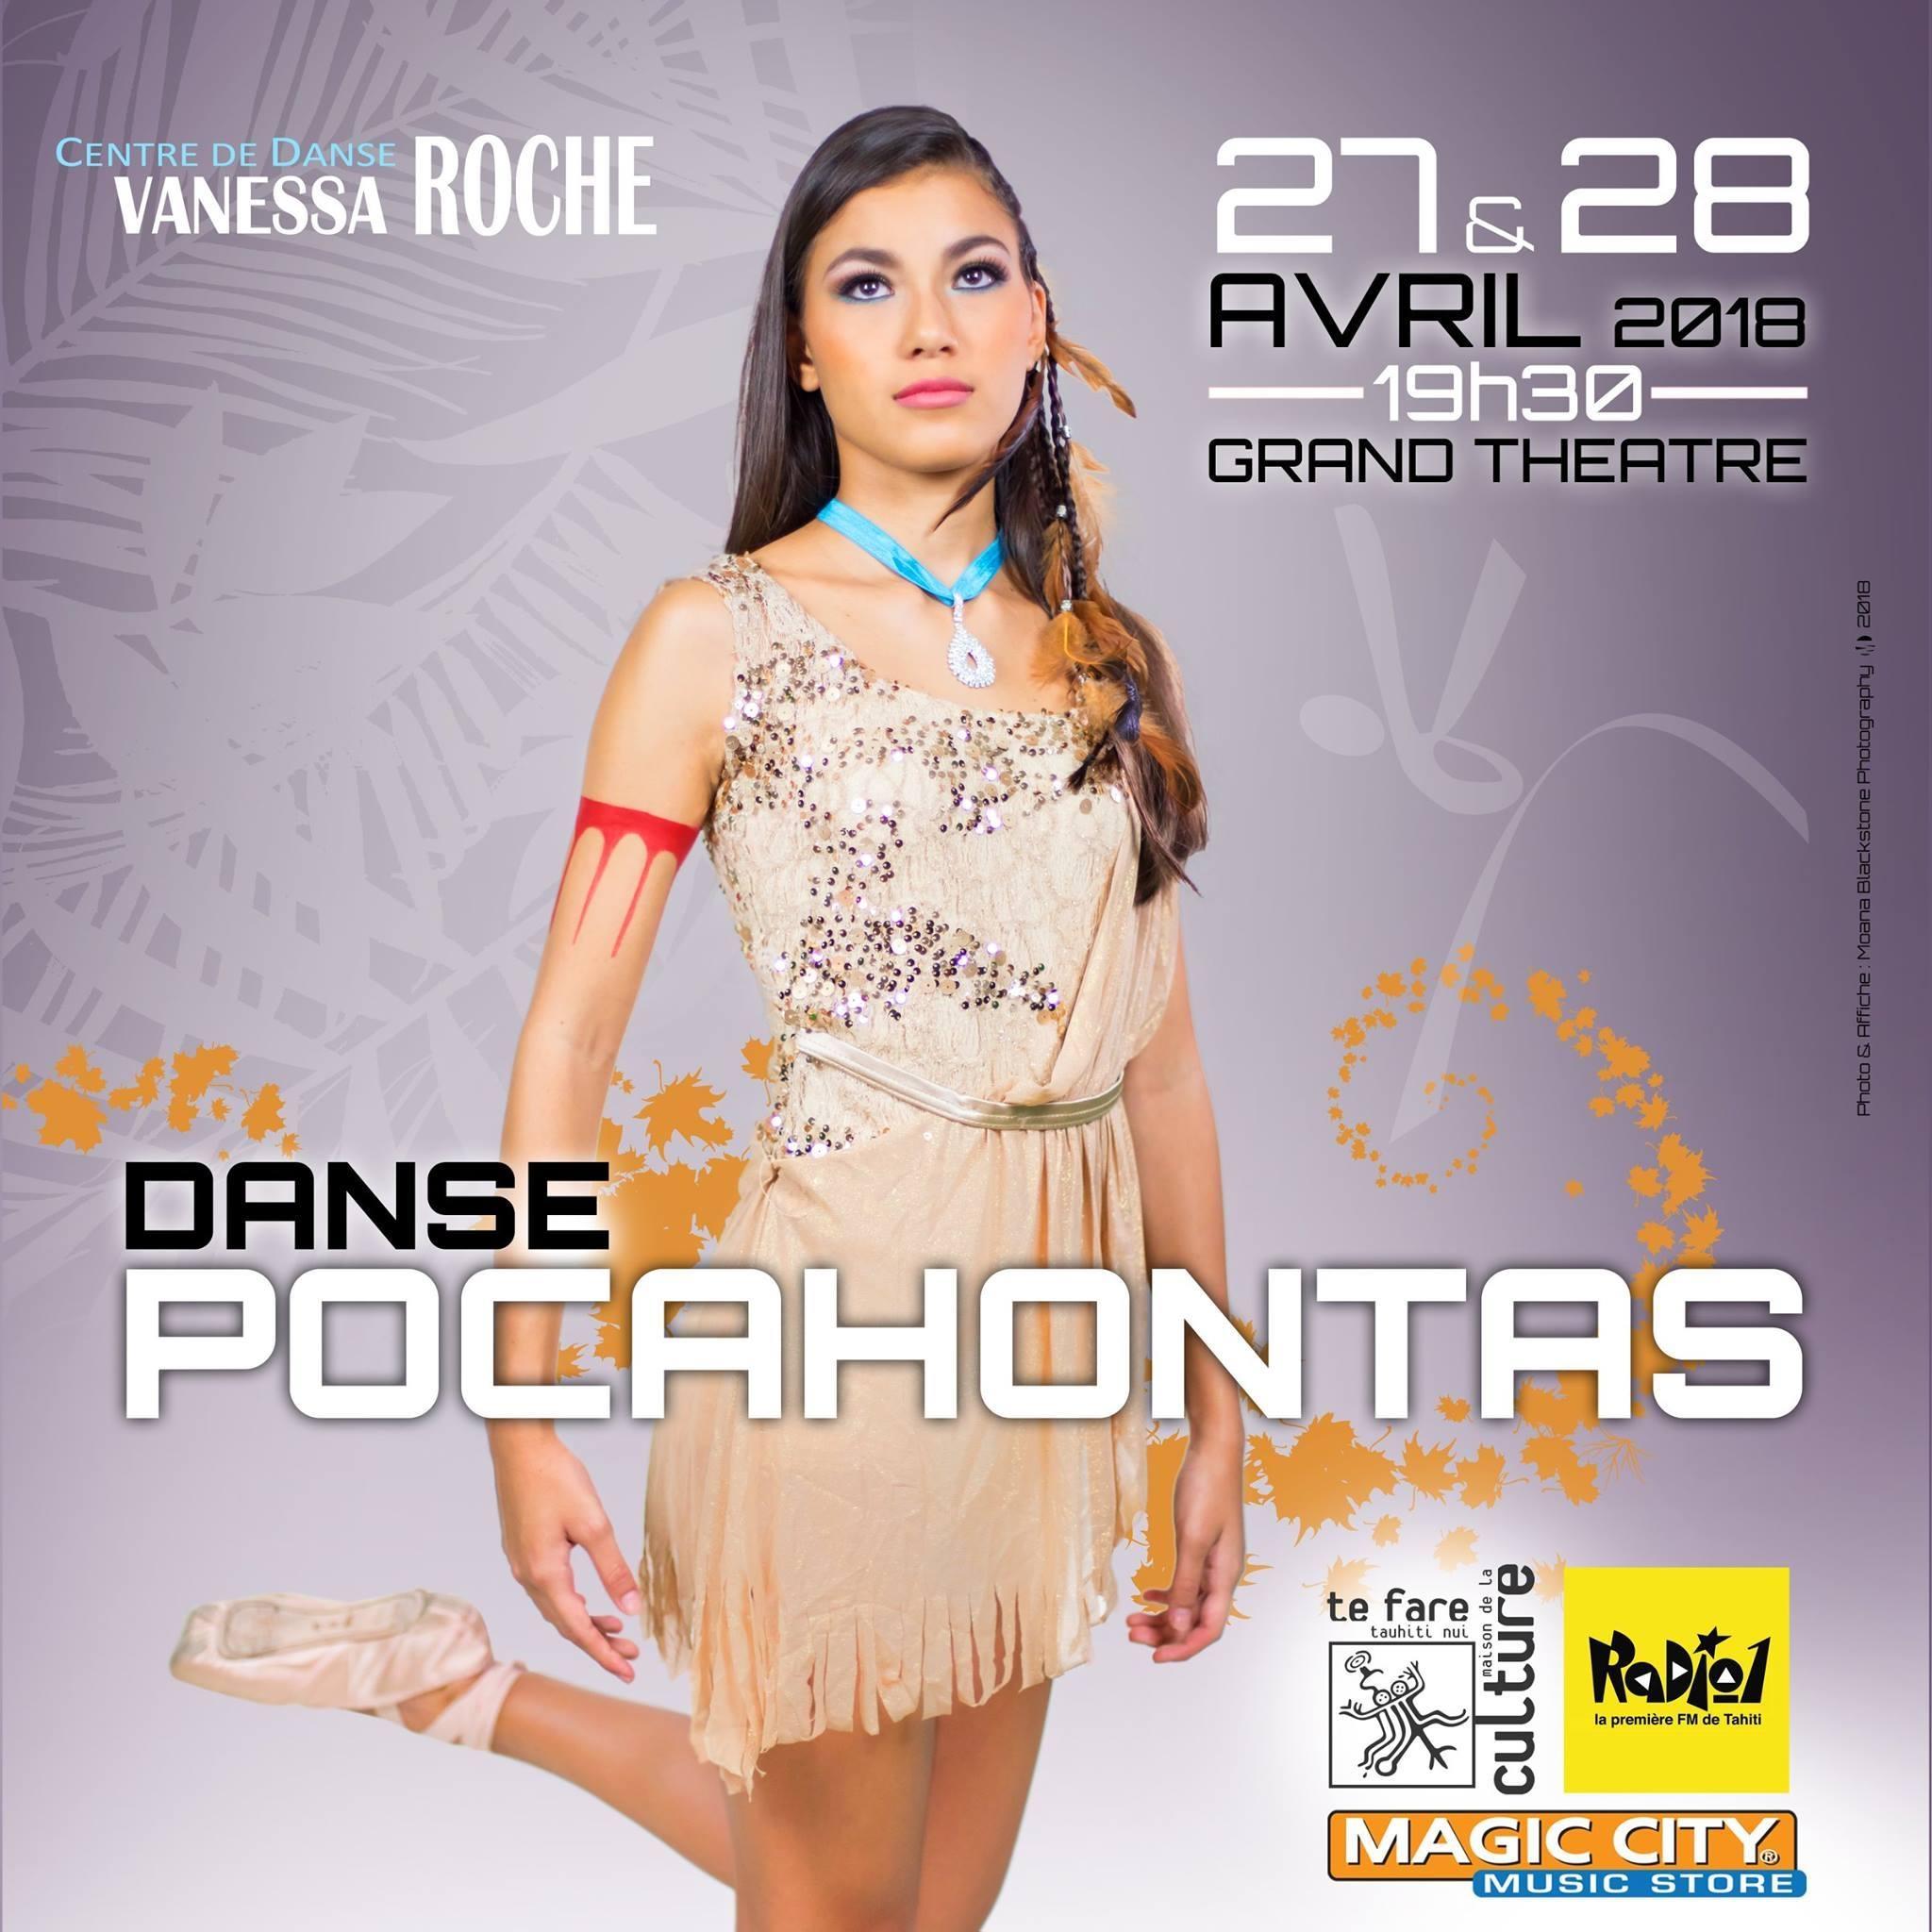 Spectacle de danse – Danse Pocahontas